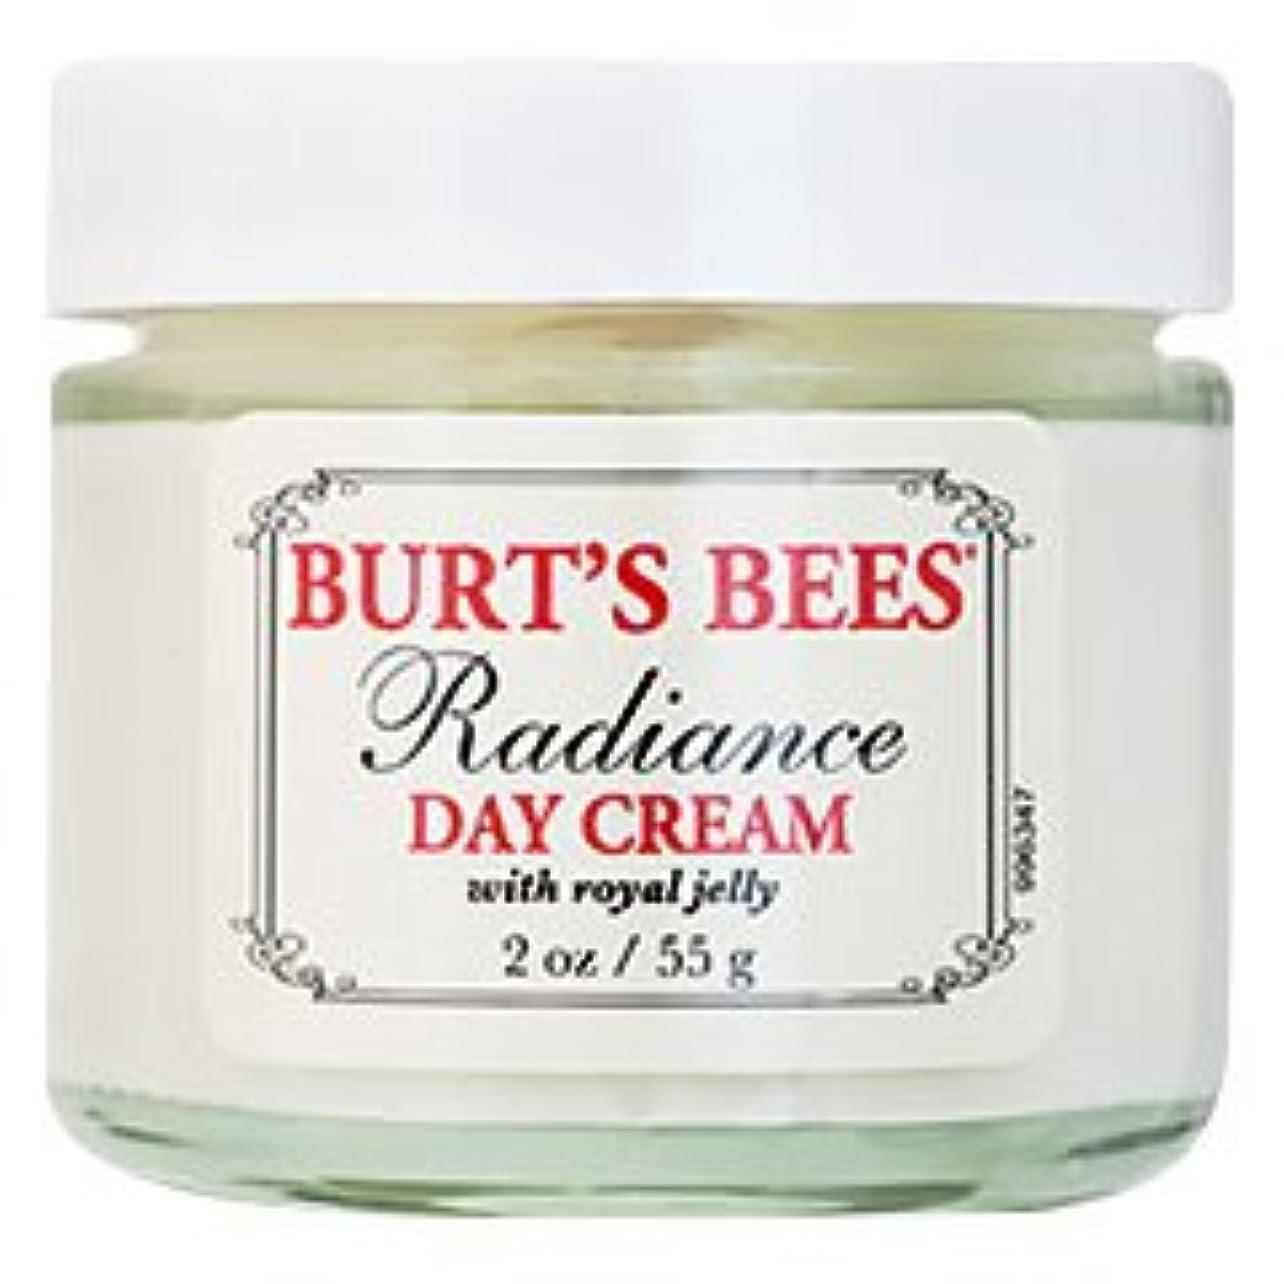 語アシュリータファーマングラディスバーツビーズ(Burt's Bees) ラディアンス デイクリーム(ロイヤルジェリー) 55g [海外直送品][並行輸入品]